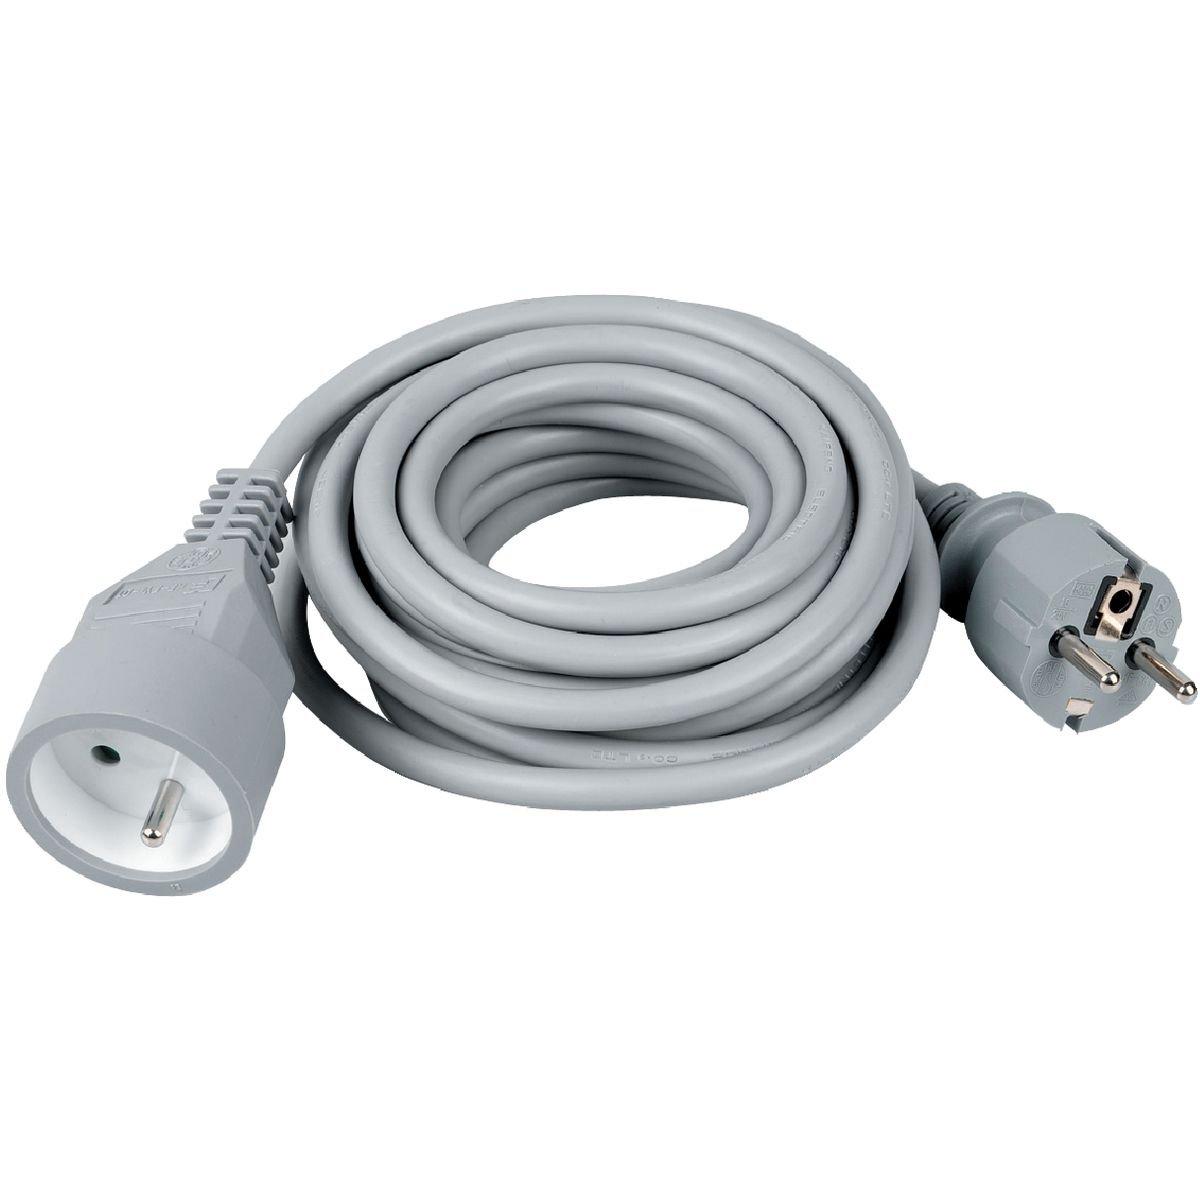 Prolongateur câble souple Dhome - H05 VV-F 3G 1, 5 mm² - Gris - Longueur 5 m 5 mm² - Gris - Longueur 5 m